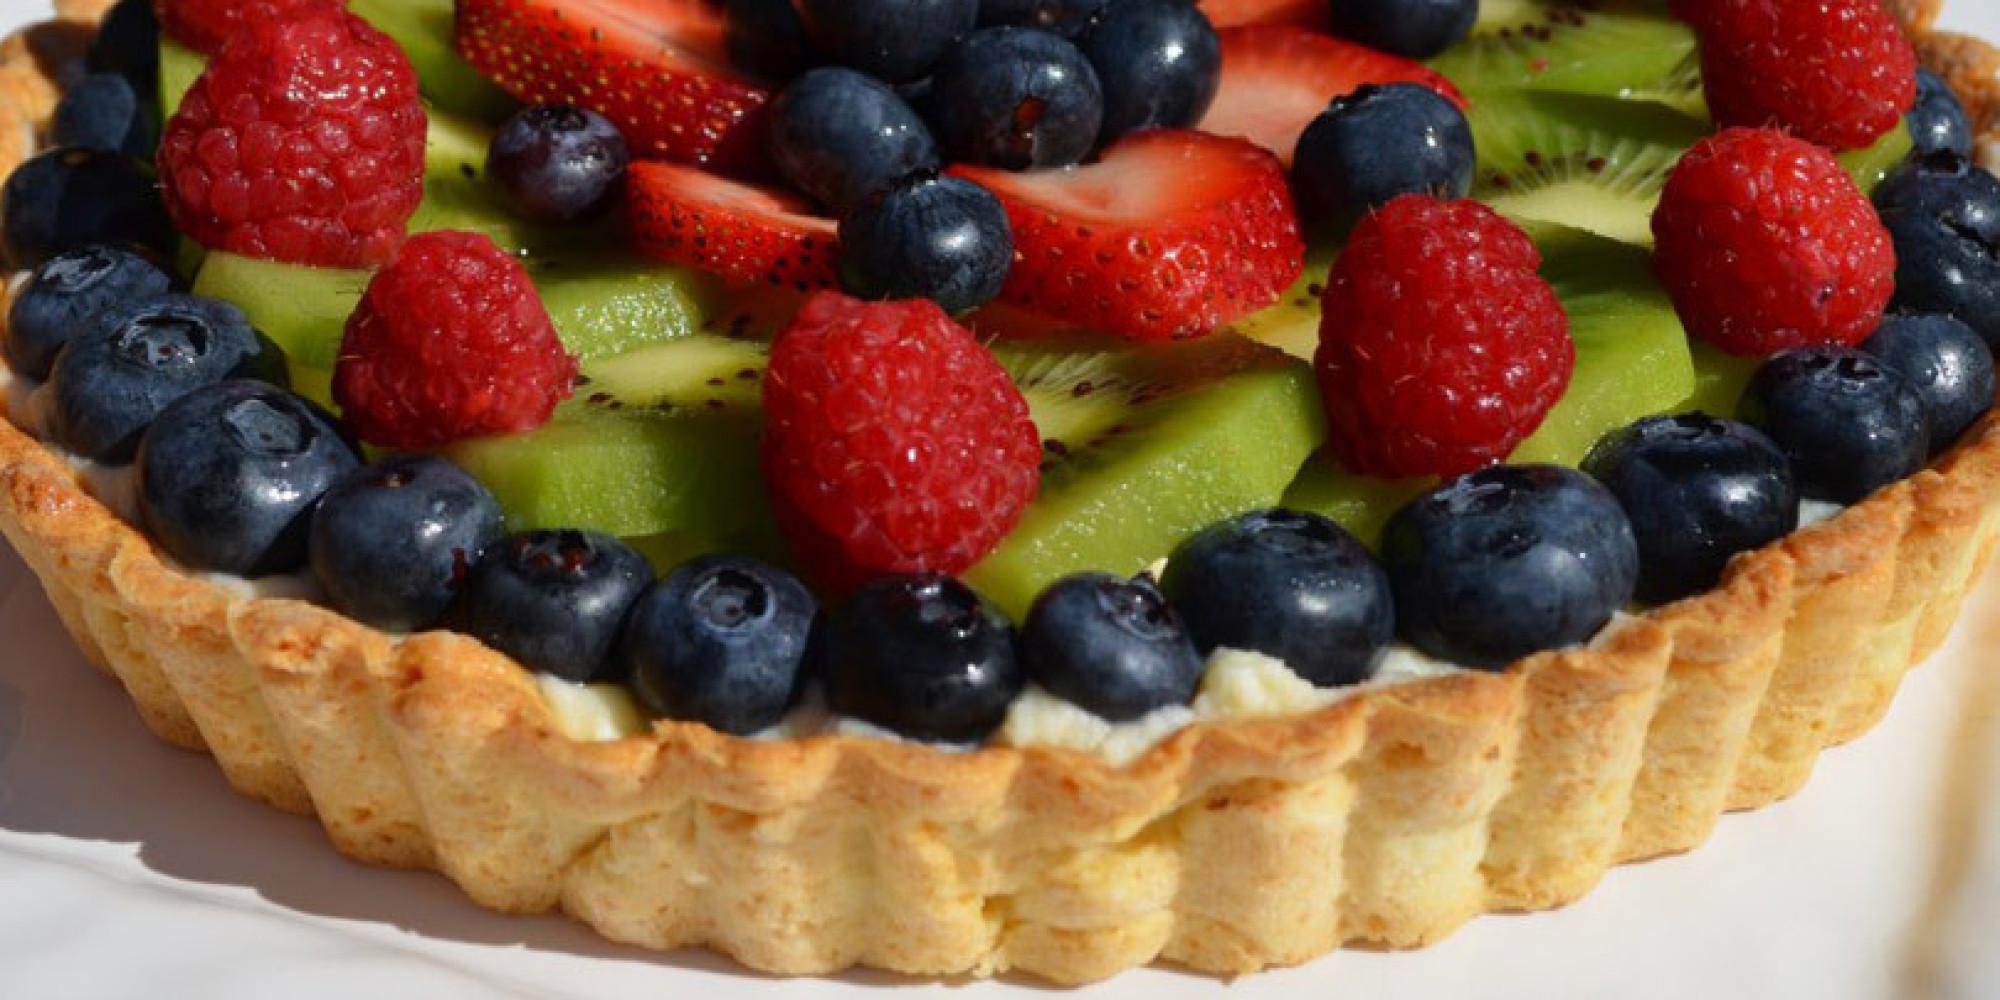 Summertime Bbq Desserts  5 Gluten Free Desserts to Bring to a BBQ This Summer